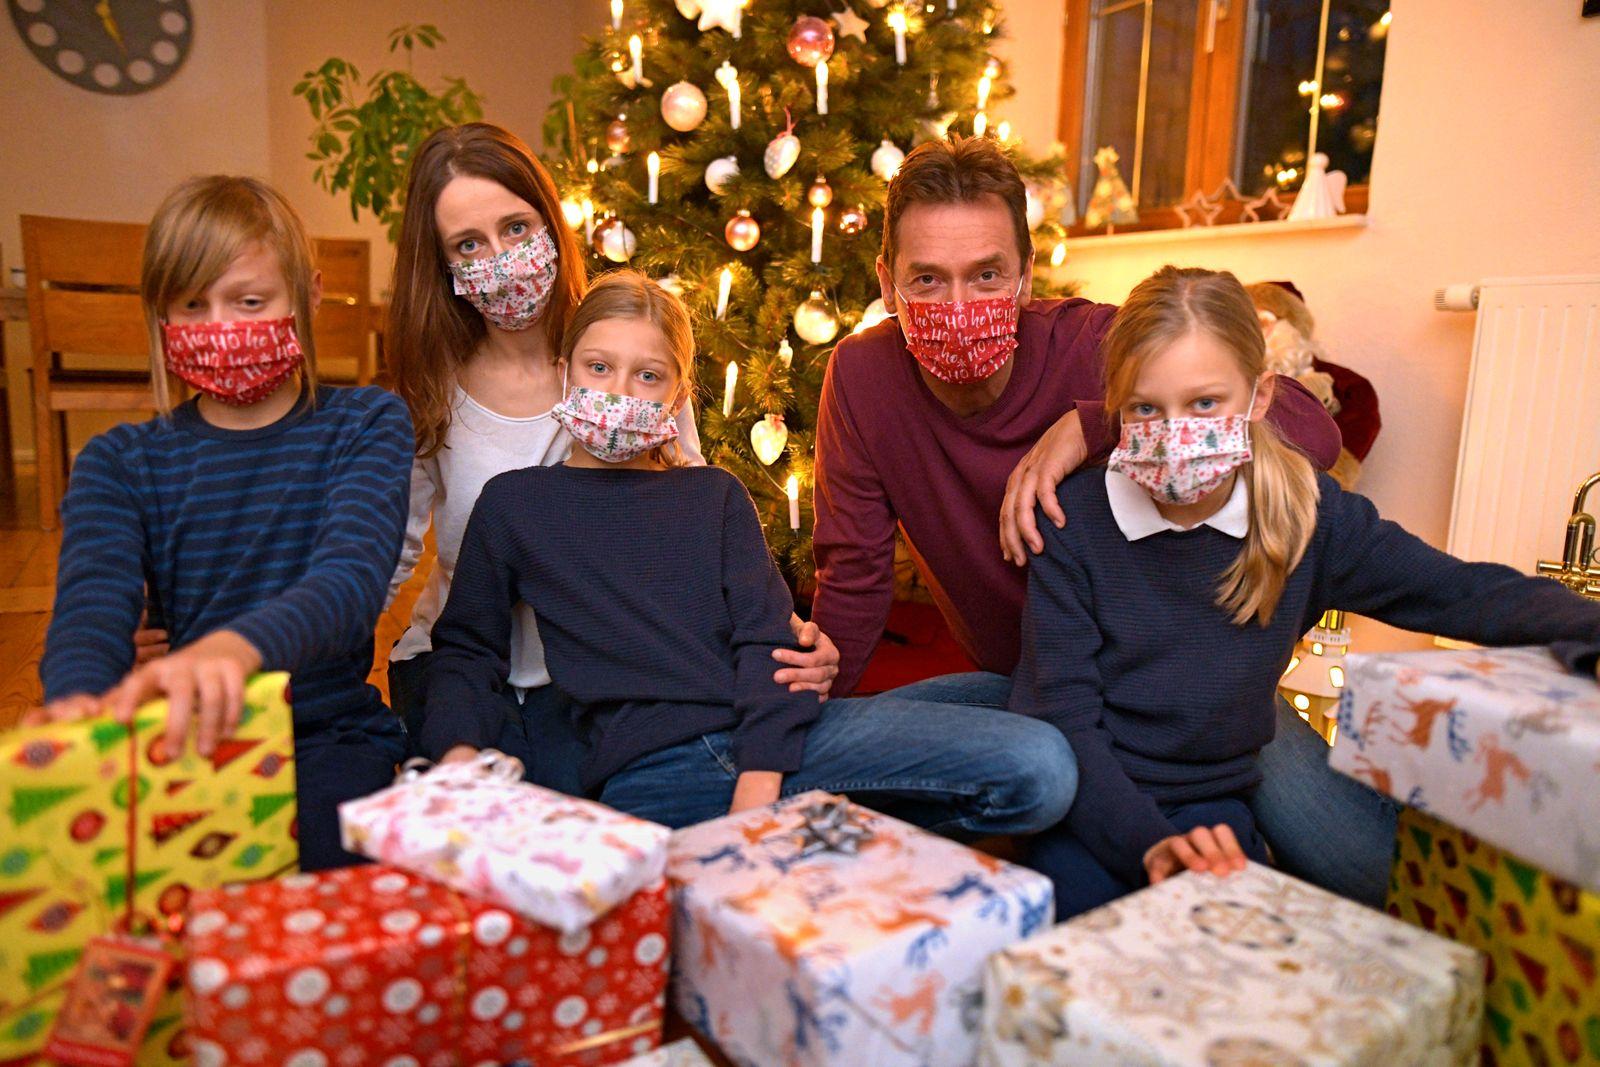 24.11.2020, (Modelreleased). Symbolbild, Eine Familie im Allgäu sitzt mit Mund-Nasenschutz-Masken am Heiligen Abend vor